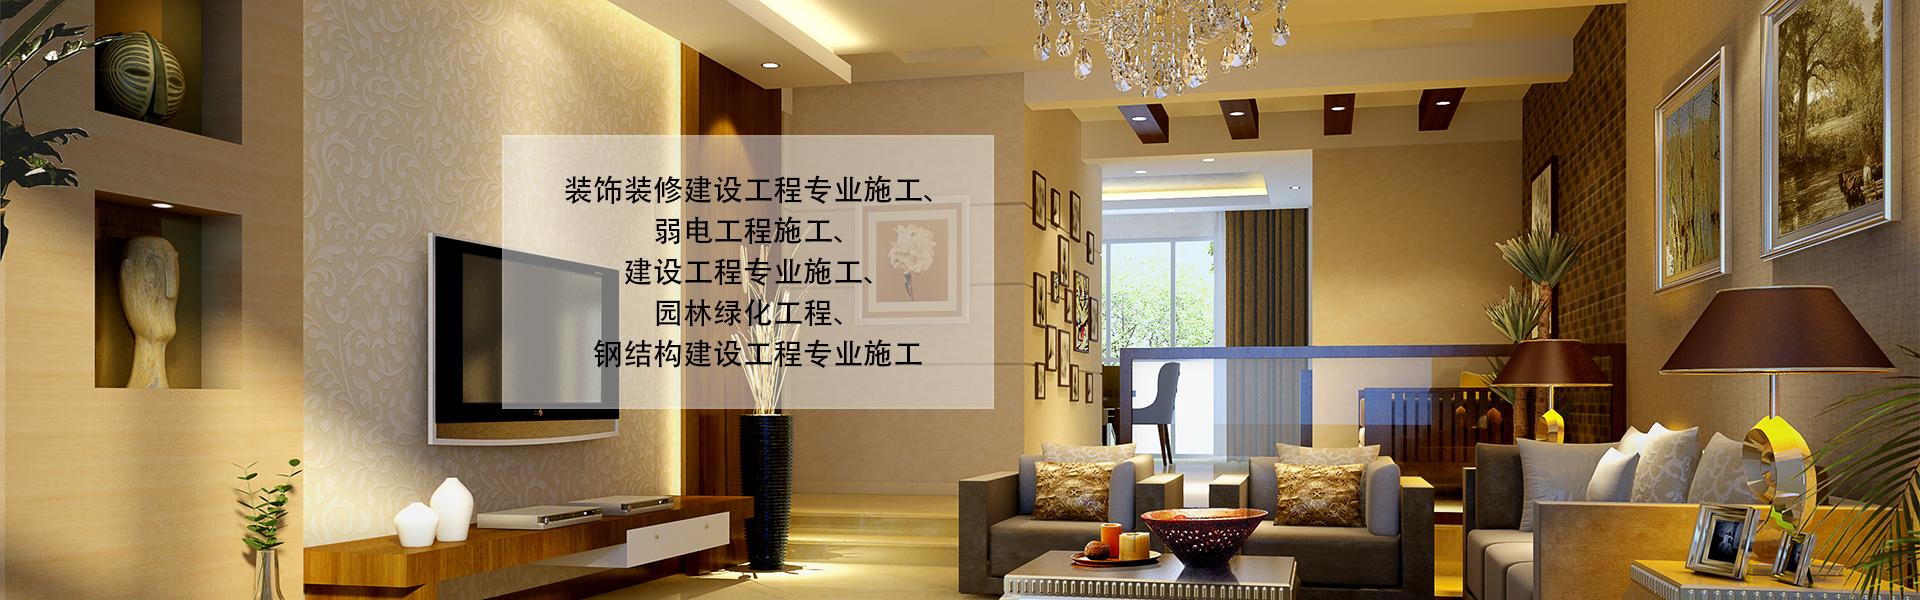 上海装修装饰工程